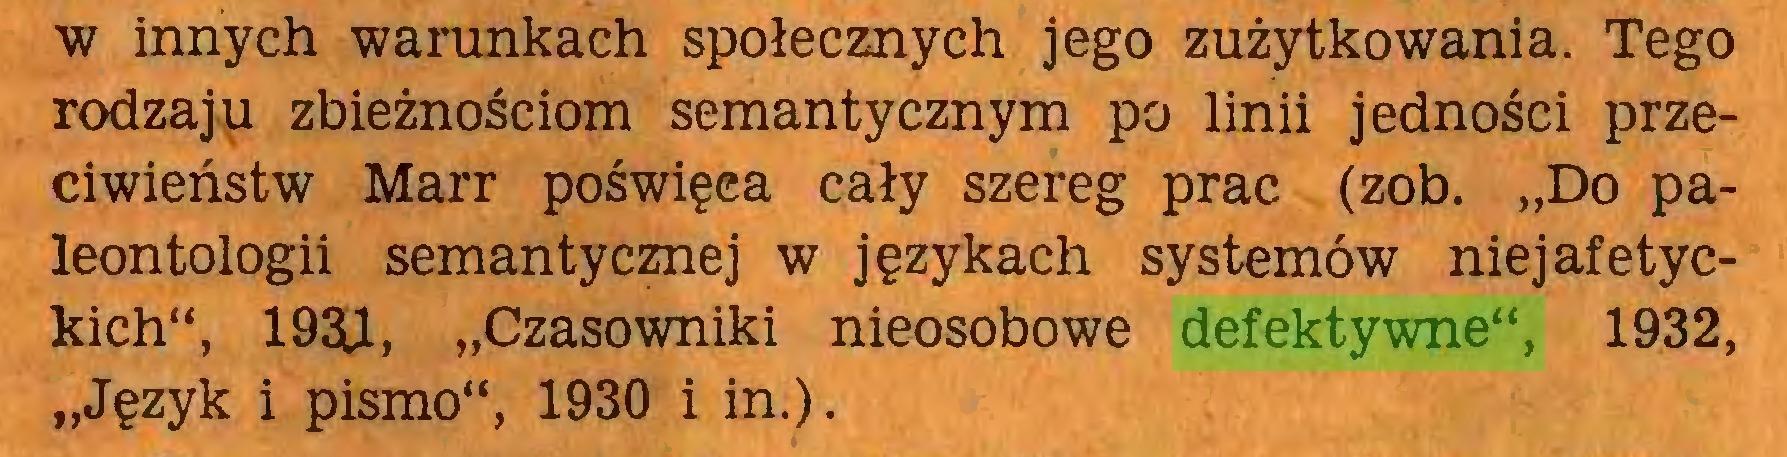 """(...) w innych warunkach społecznych jego zużytkowania. Tego rodzaju zbieżnościom semantycznym po linii jedności przeciwieństw Marr poświęea cały szereg prac (zob. """"Do paleontologii semantycznej w językach systemów niejafetyckich"""", 193U, """"Czasowniki nieosobowe defektywne"""", 1932, """"Język i pismo"""", 1930 i in.)..."""